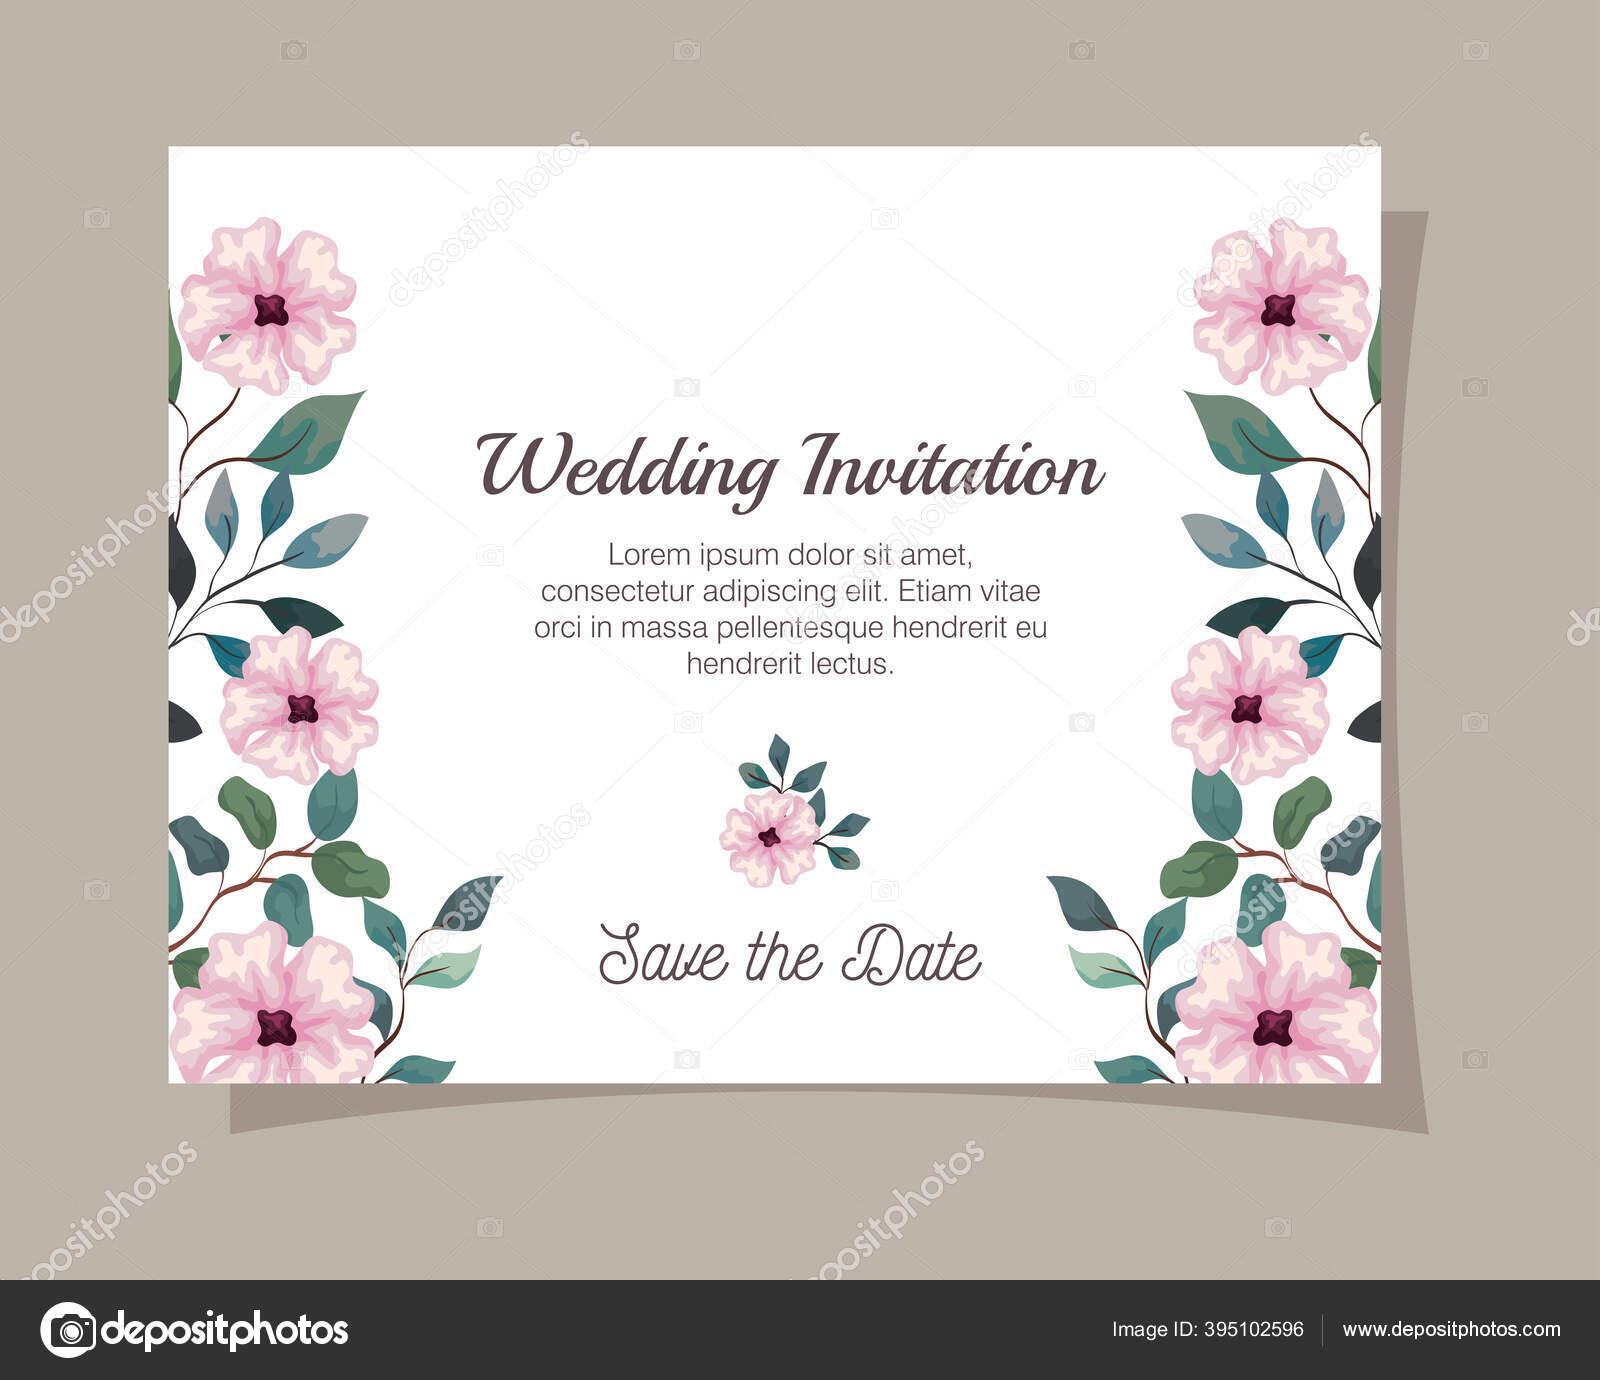 Kartu Ucapan Dengan Bunga Warna Merah Muda Undangan Pernikahan Dengan Bunga Warna Merah Muda Dengan Cabang Dan Daun Dekorasi Stok Vektor C Yupiramos 395102596